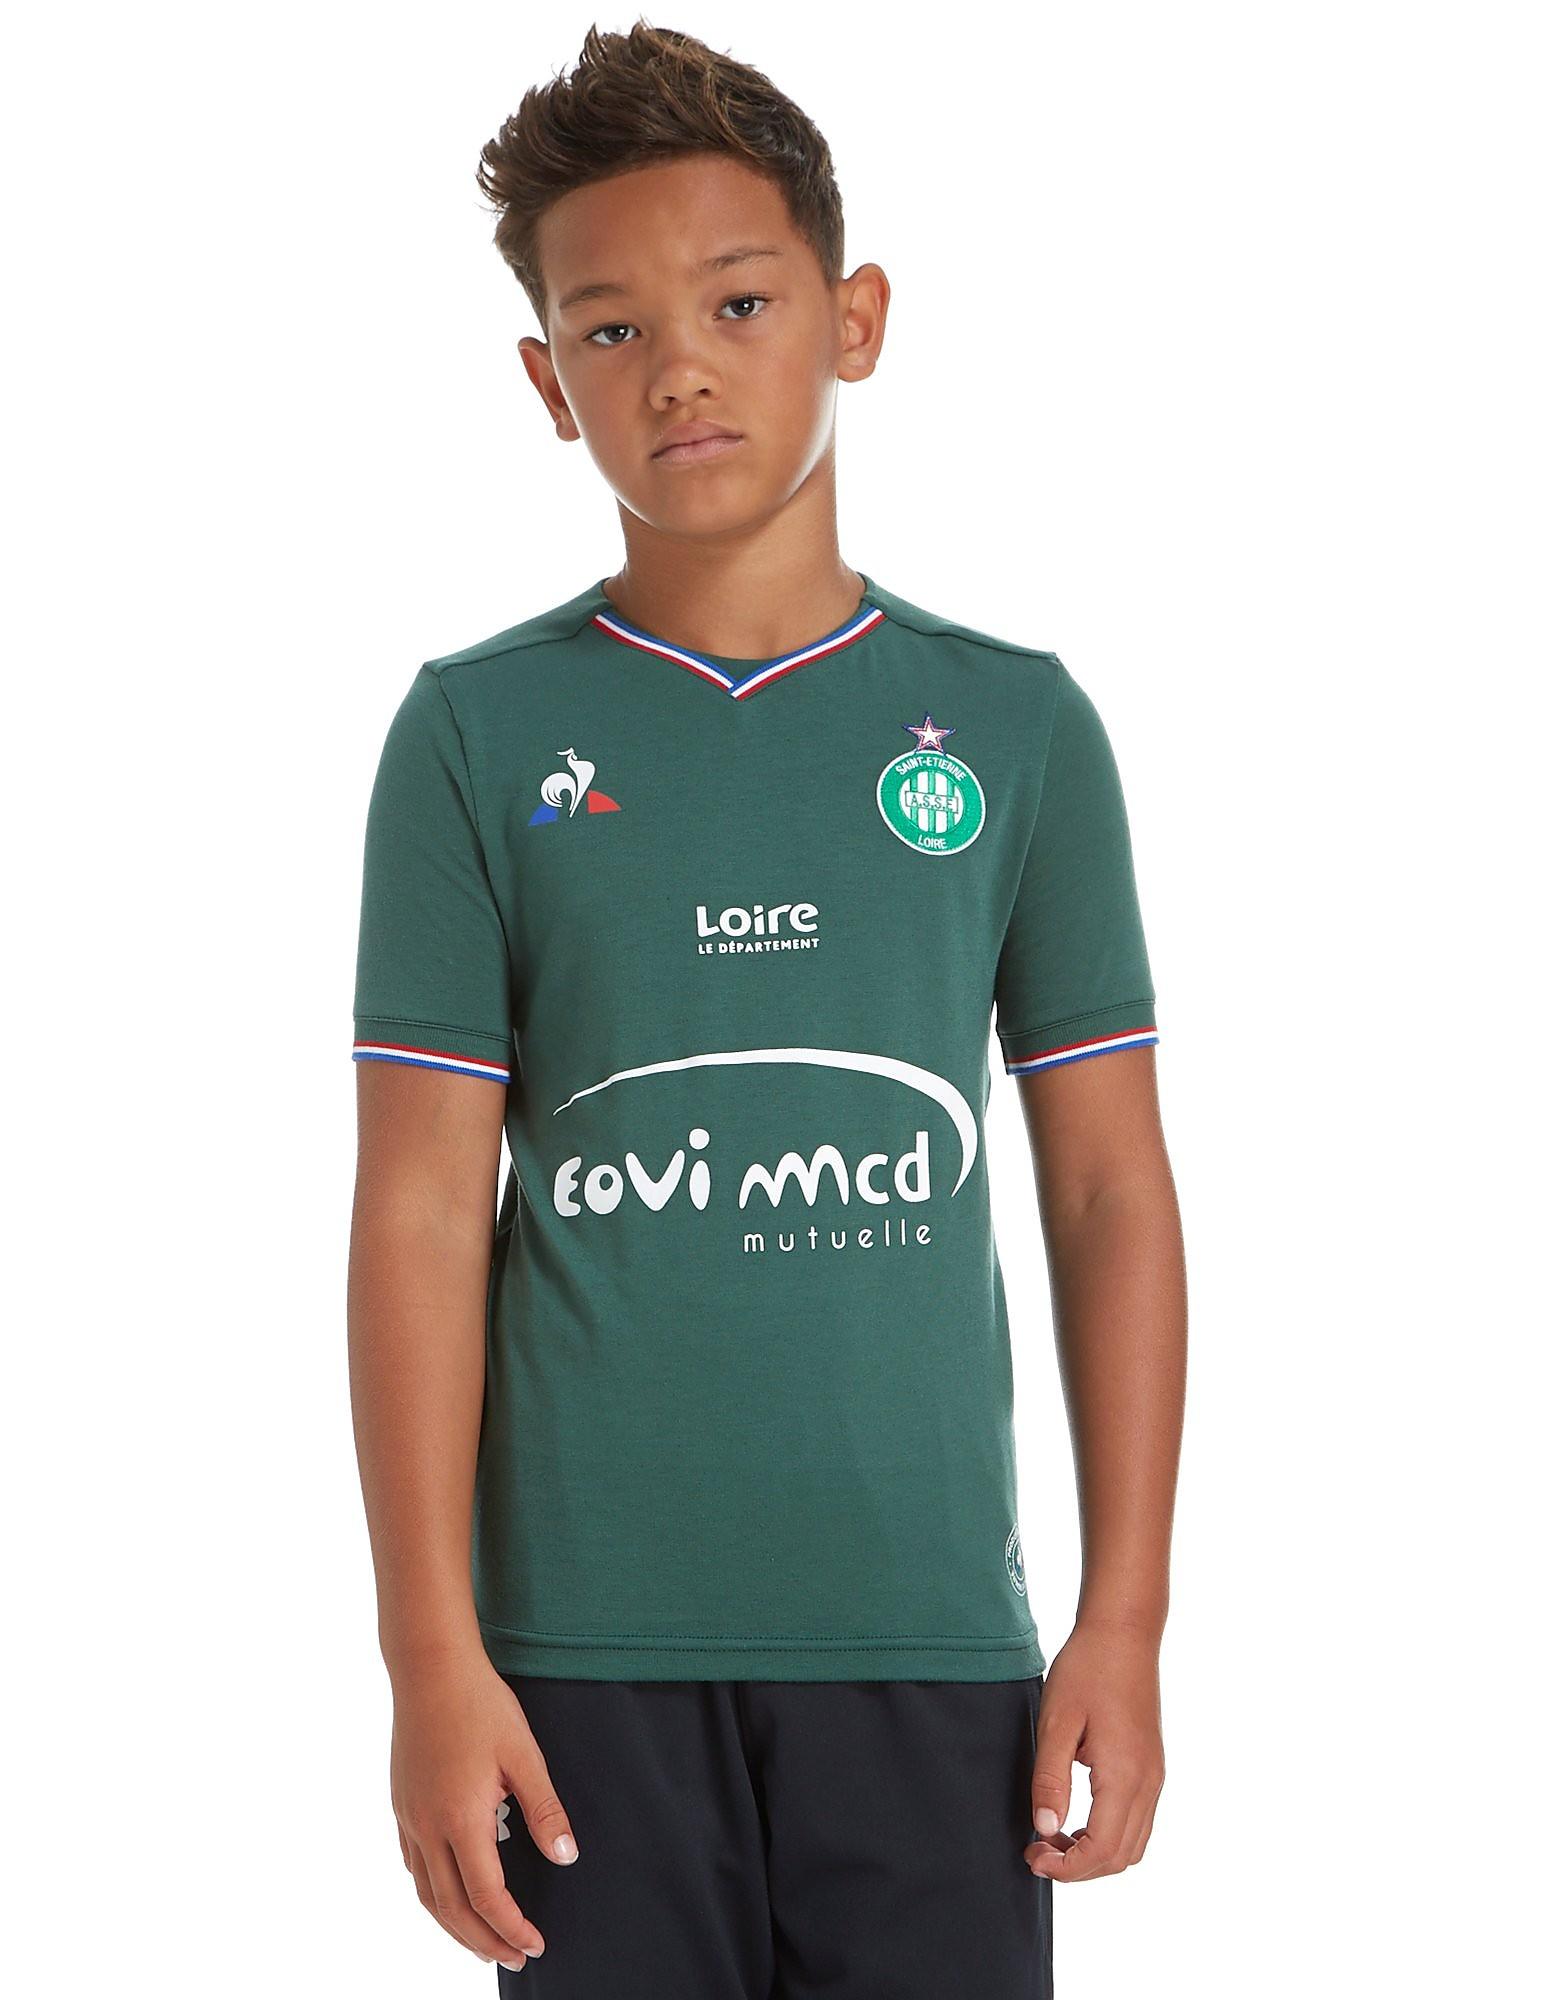 Le Coq Sportif Saint-Étienne Home Shirt 2017/18 Junior